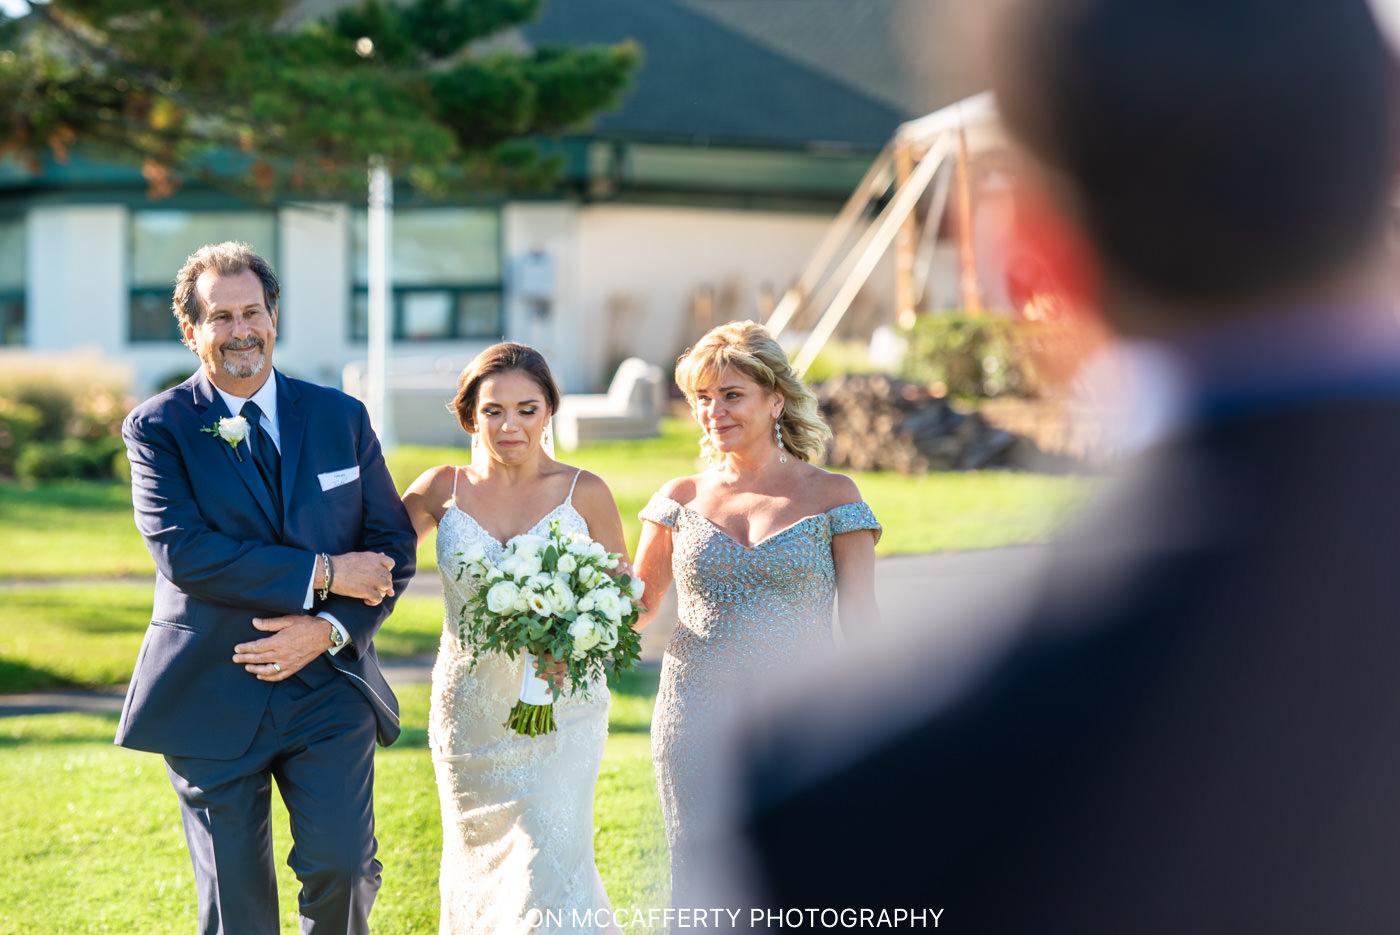 Linwood NJ Wedding Photography